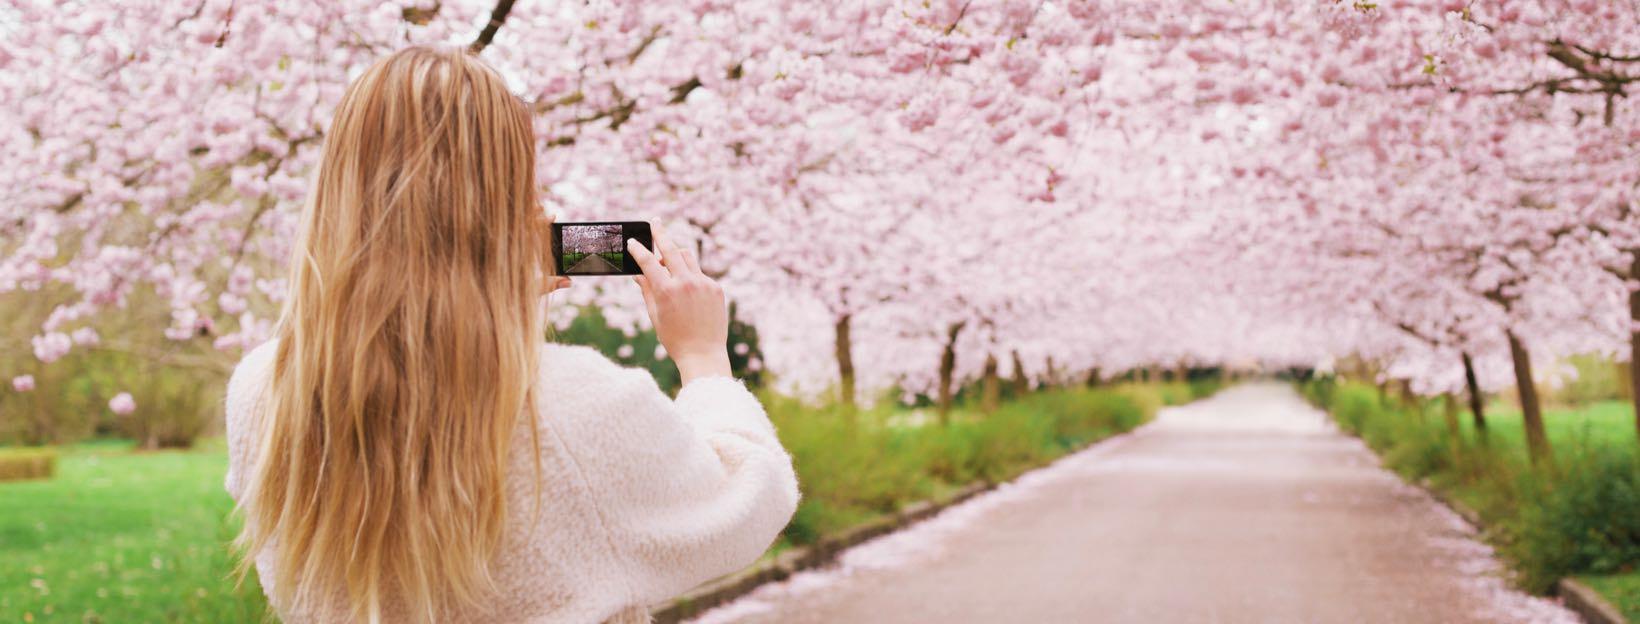 Frau macht Foto von Kirschblütenweg: Instagram für Einsteiger, Instagram Guide, Instagram Account erstellen, Instagram beginnen, Instagram Ratgeber